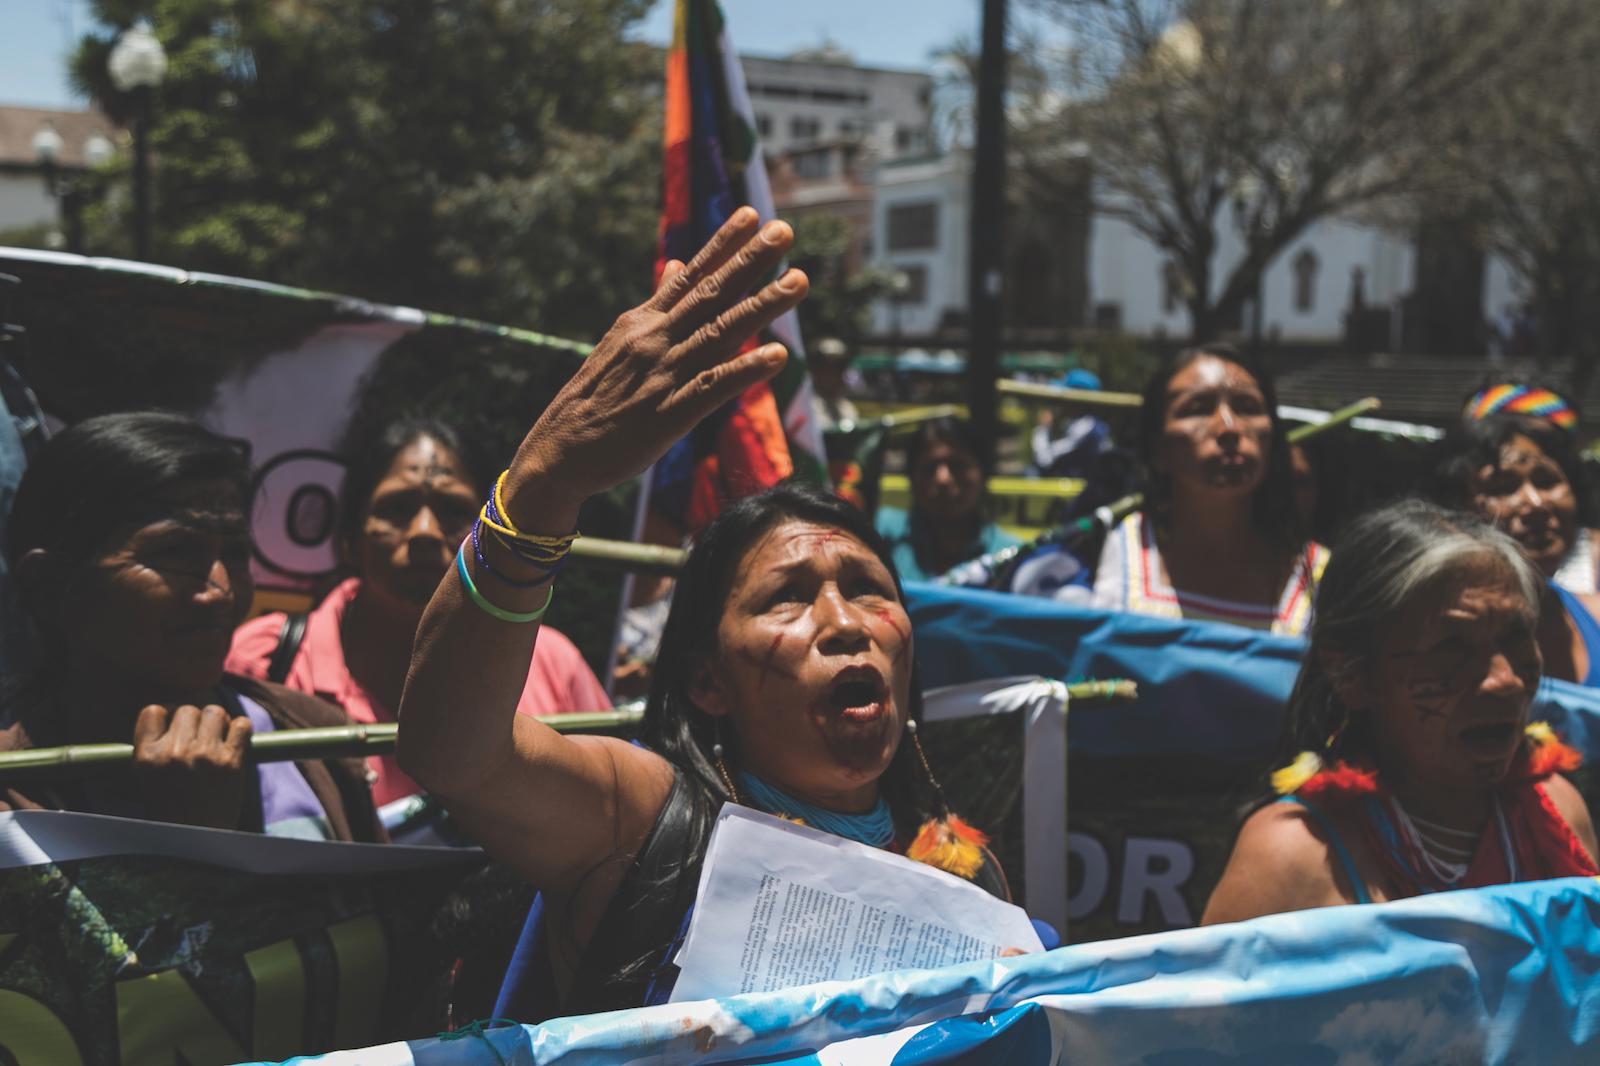 Más de 300 mujeres indígenas de todo el Amazonas se juntaron durante tres días para escribir el mandato que esperan entregarle al presidente Moreno. Foto: Jonatan Rosas.